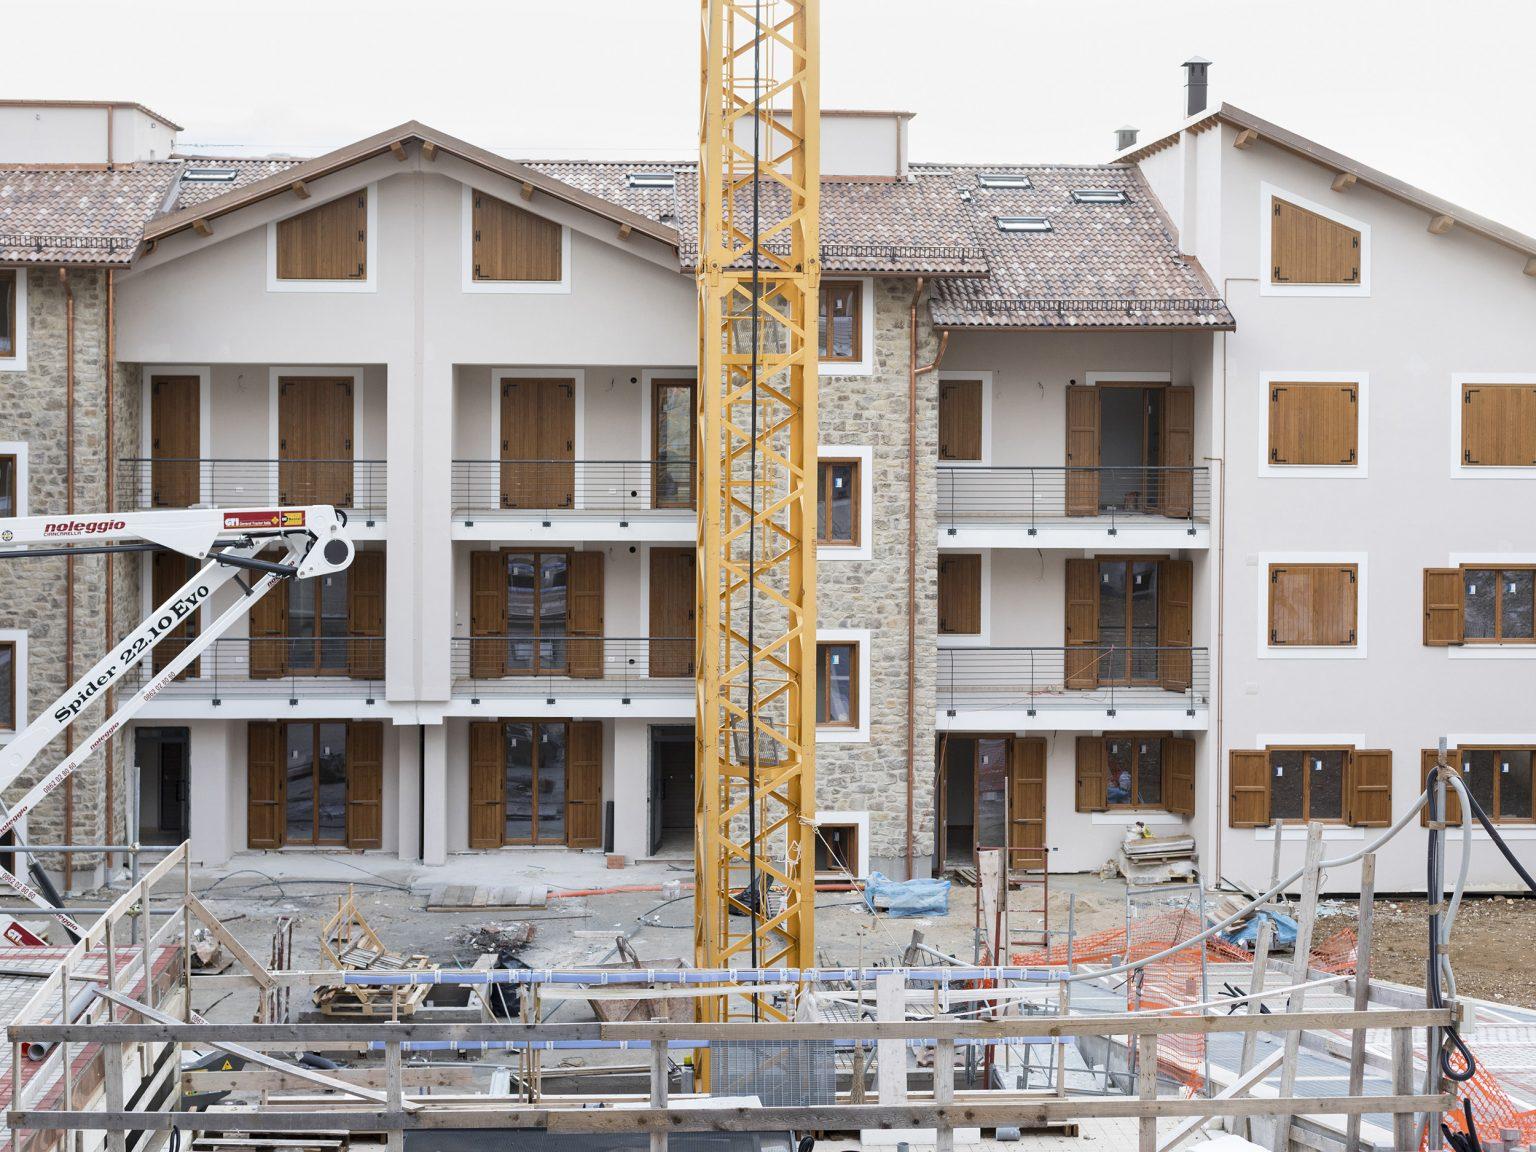 """Amatrice, febbraio 2021 Il cantiere del condominio """"Il Piceno"""", uno dei primi che sarà completato, 56 appartamenti per un investimento di 10 mln di euro. Iniziato nel 2018, ha subito dei rallentamenti a causa della pandemia ed è stato terminato ad aprile 2021."""